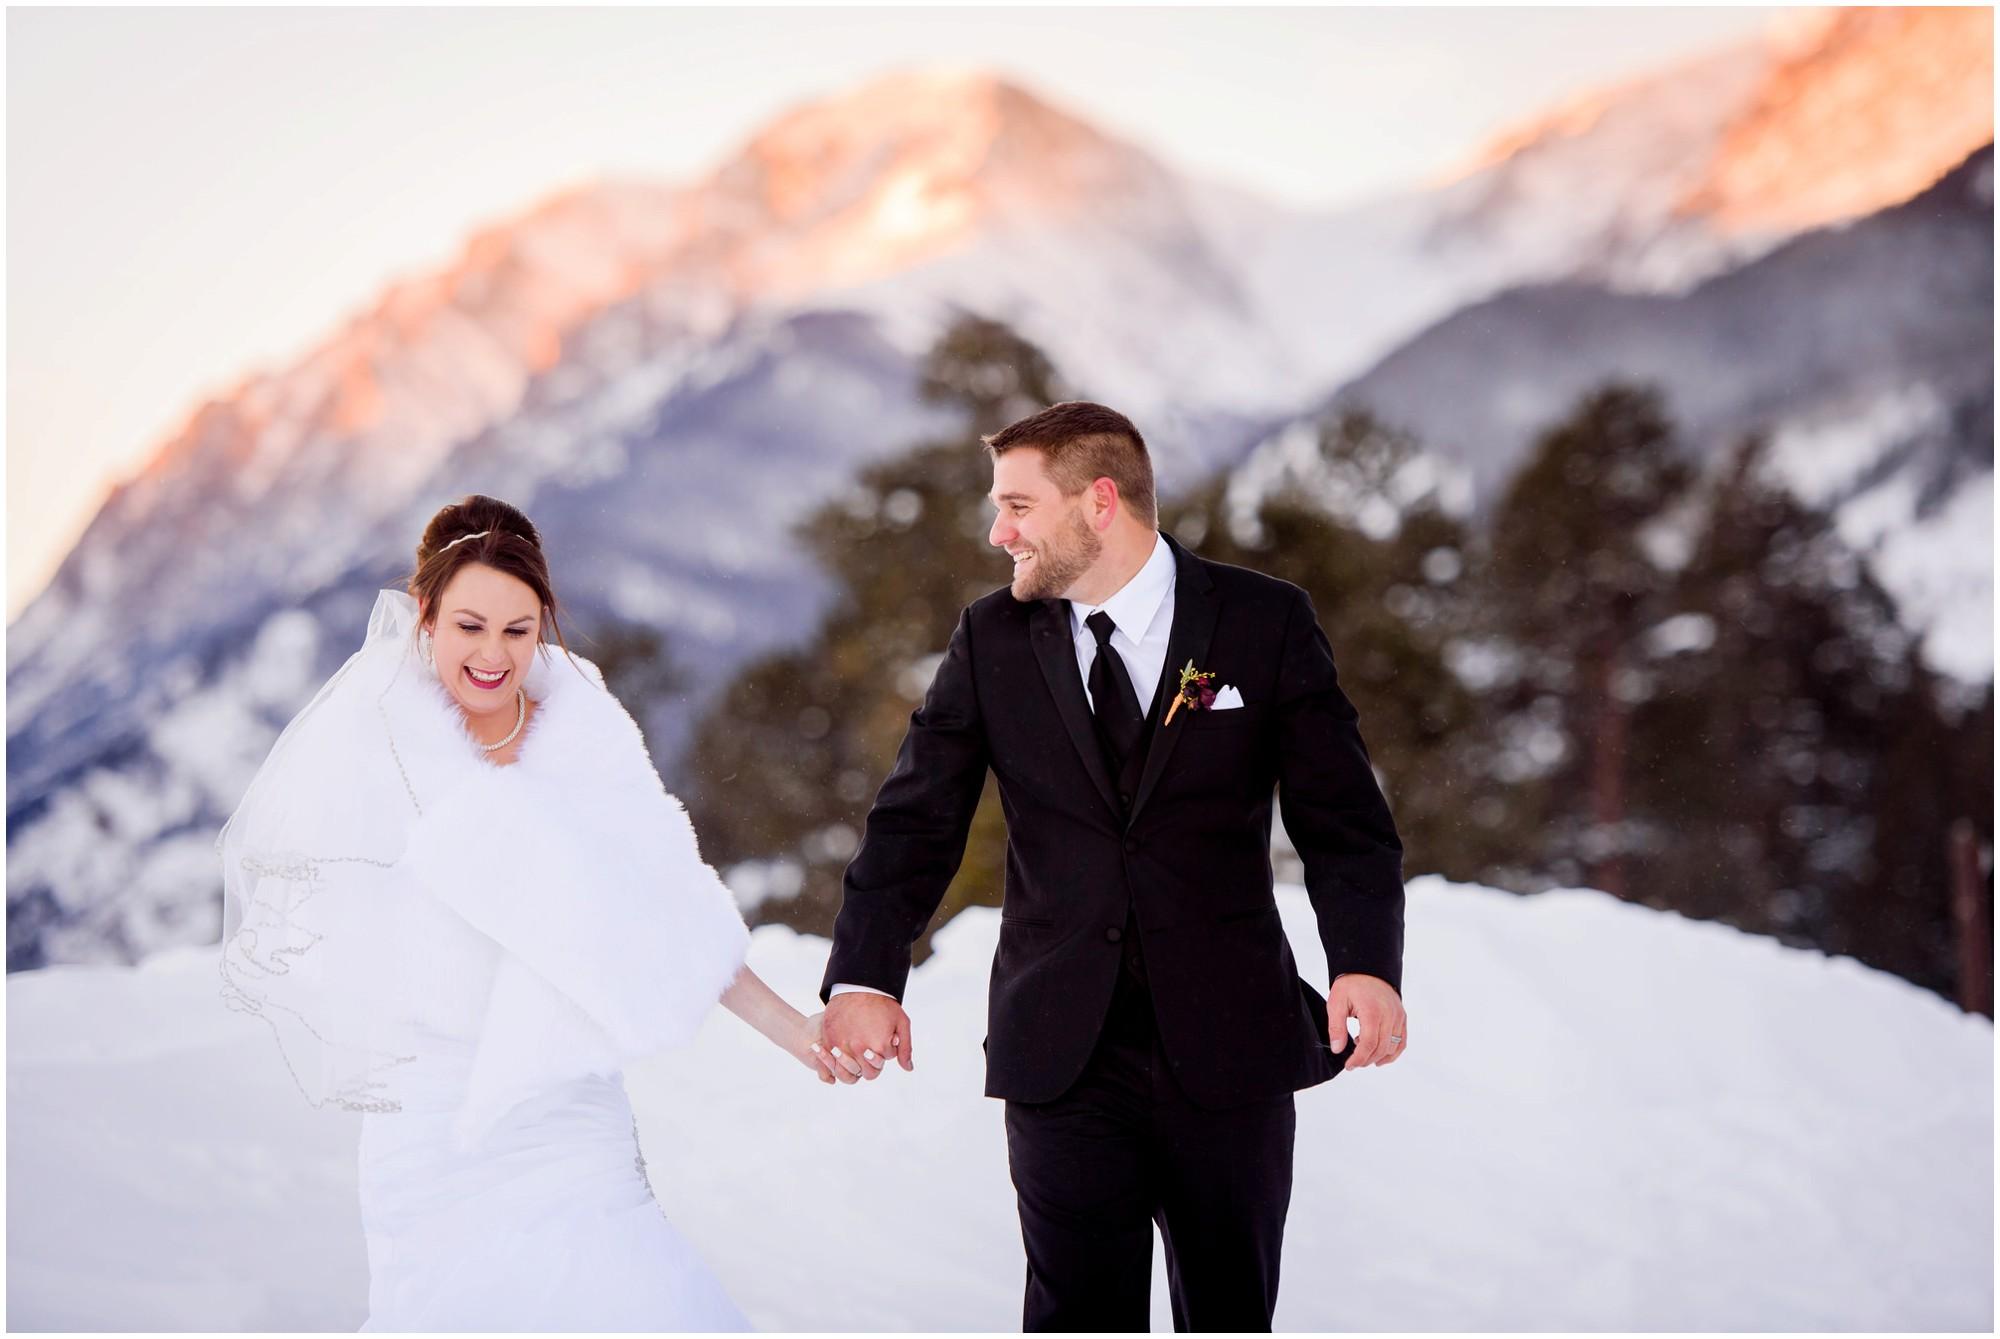 625-Della-terra-Estes-Park-winter-Wedding.jpg